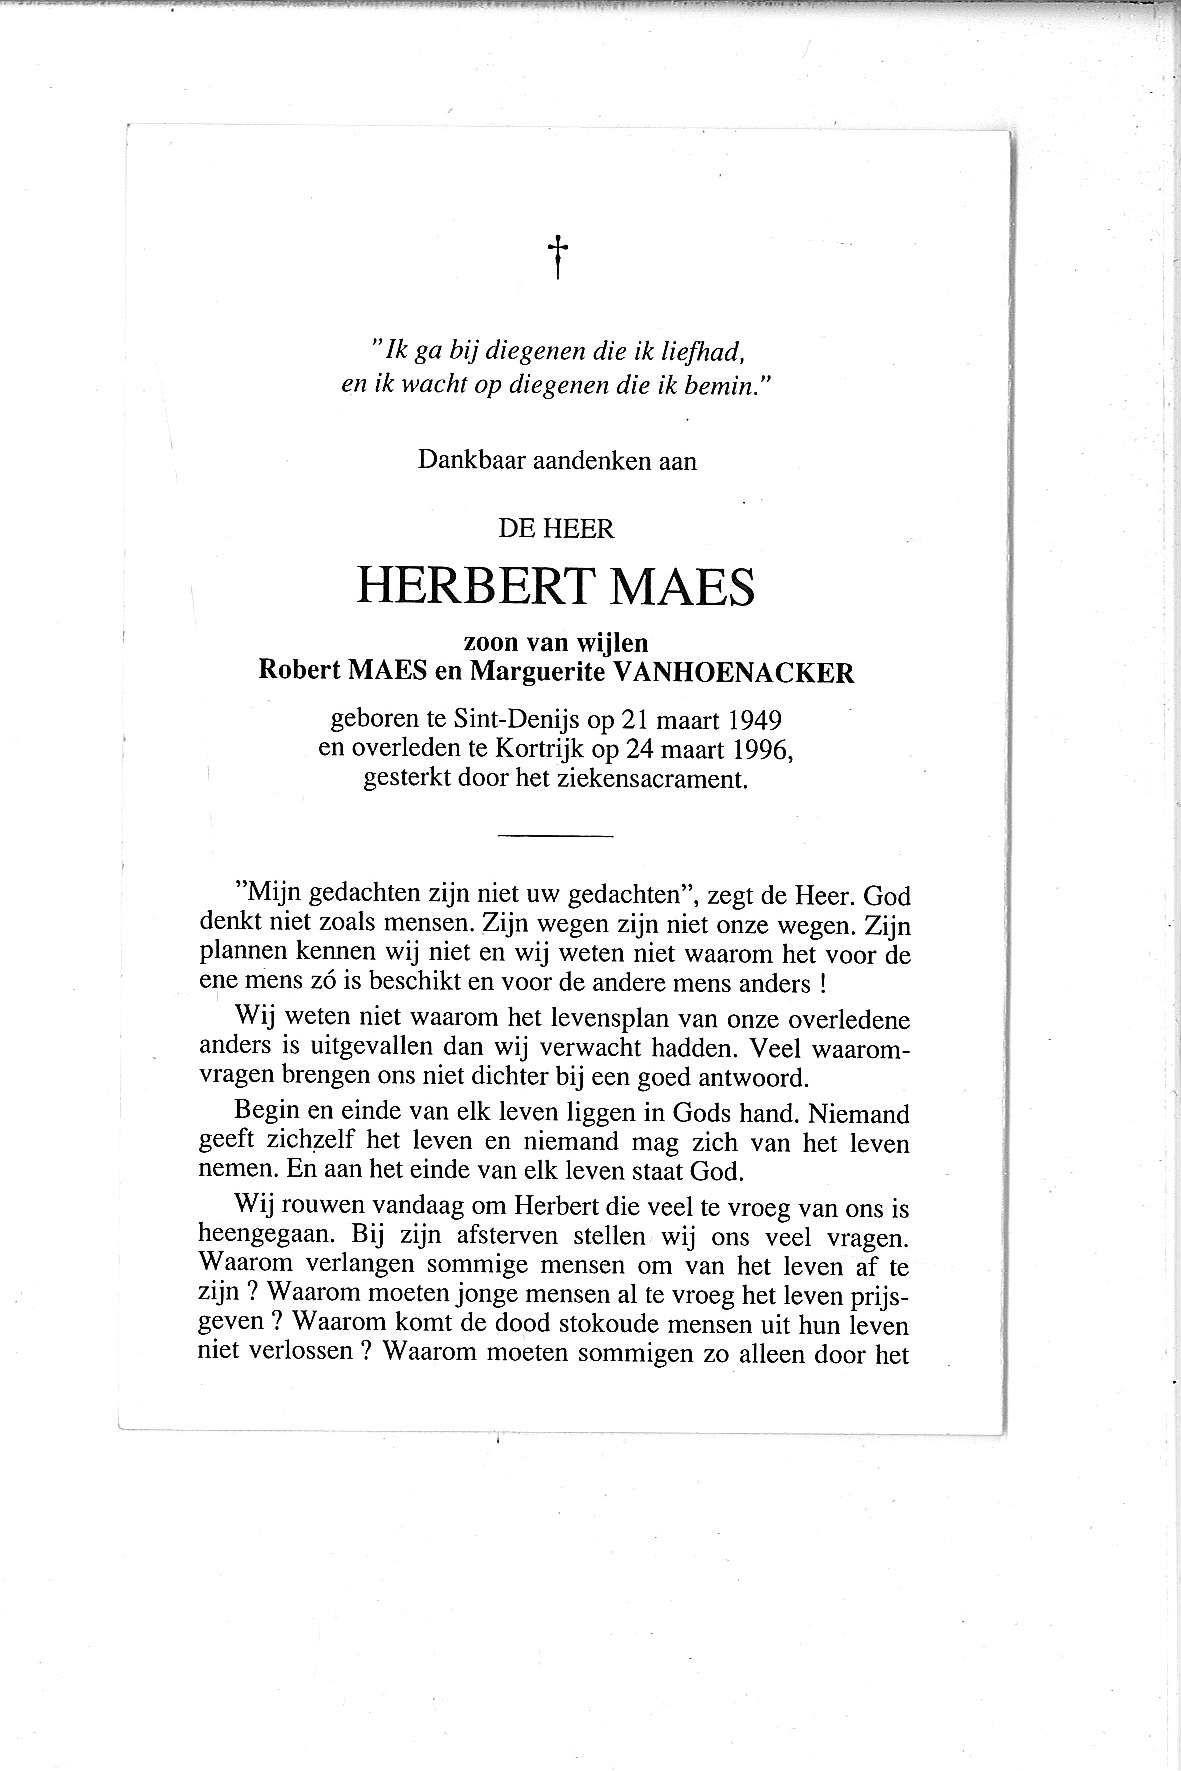 Herbert(1996)201206329121212_00108.jpg